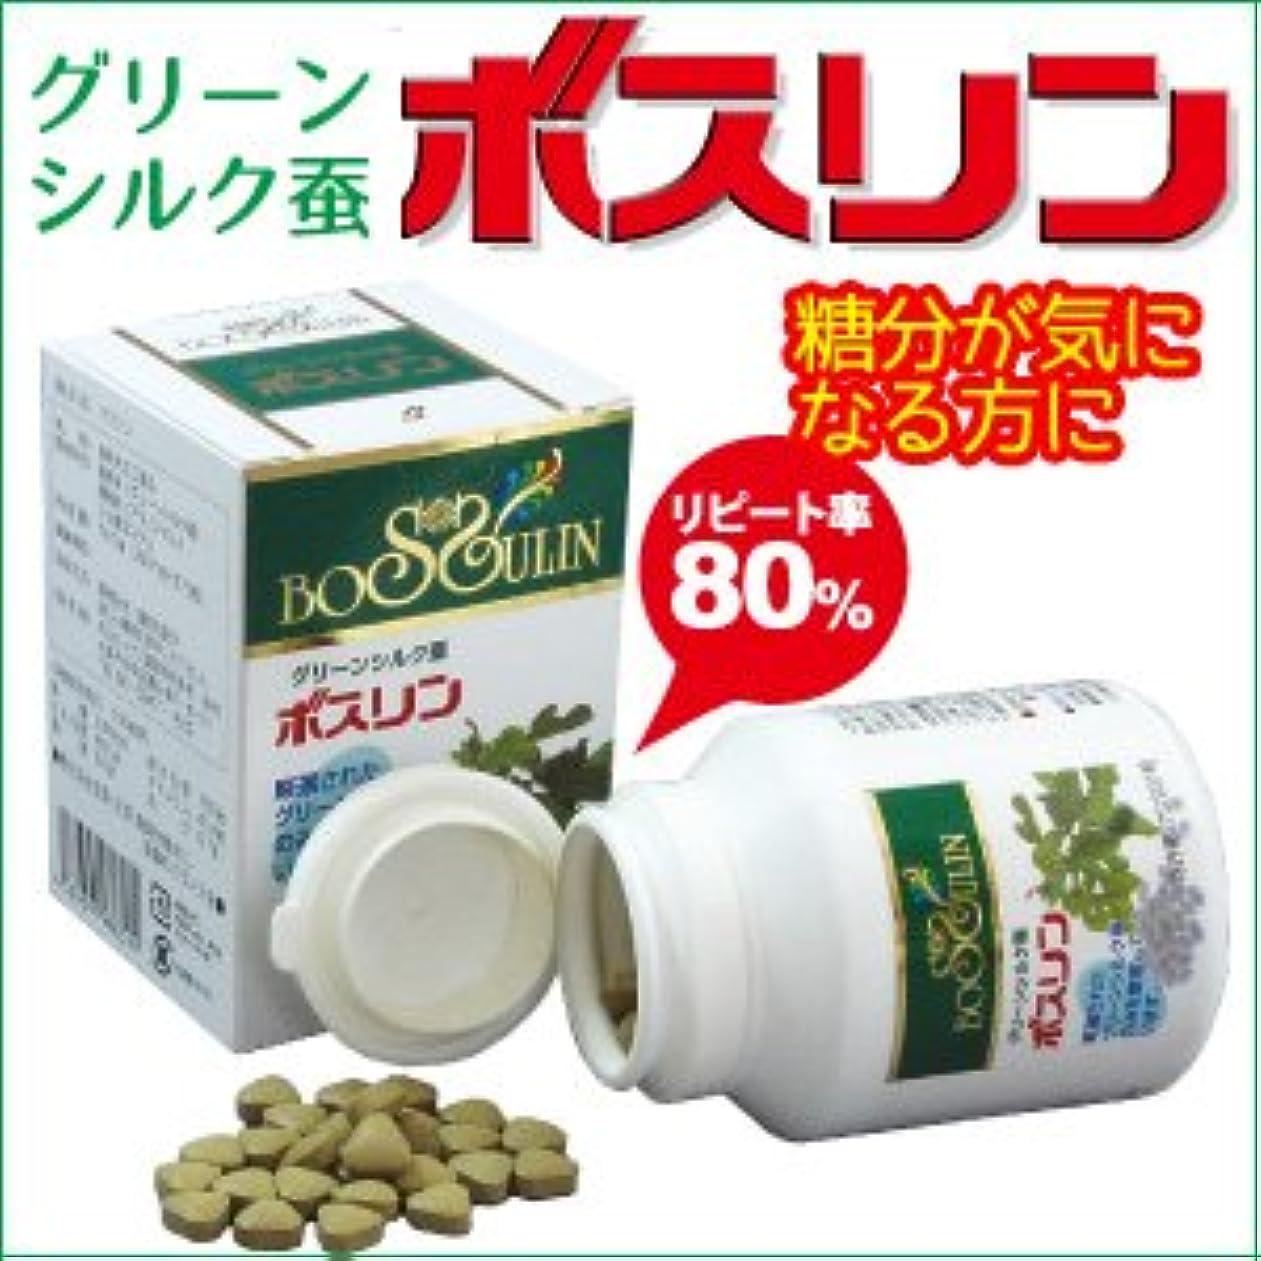 除去予測する過敏なボスリン 桑の葉を主食とする厳選された蚕を使用したグリーンシルク蚕(蚕粉末)を配合!